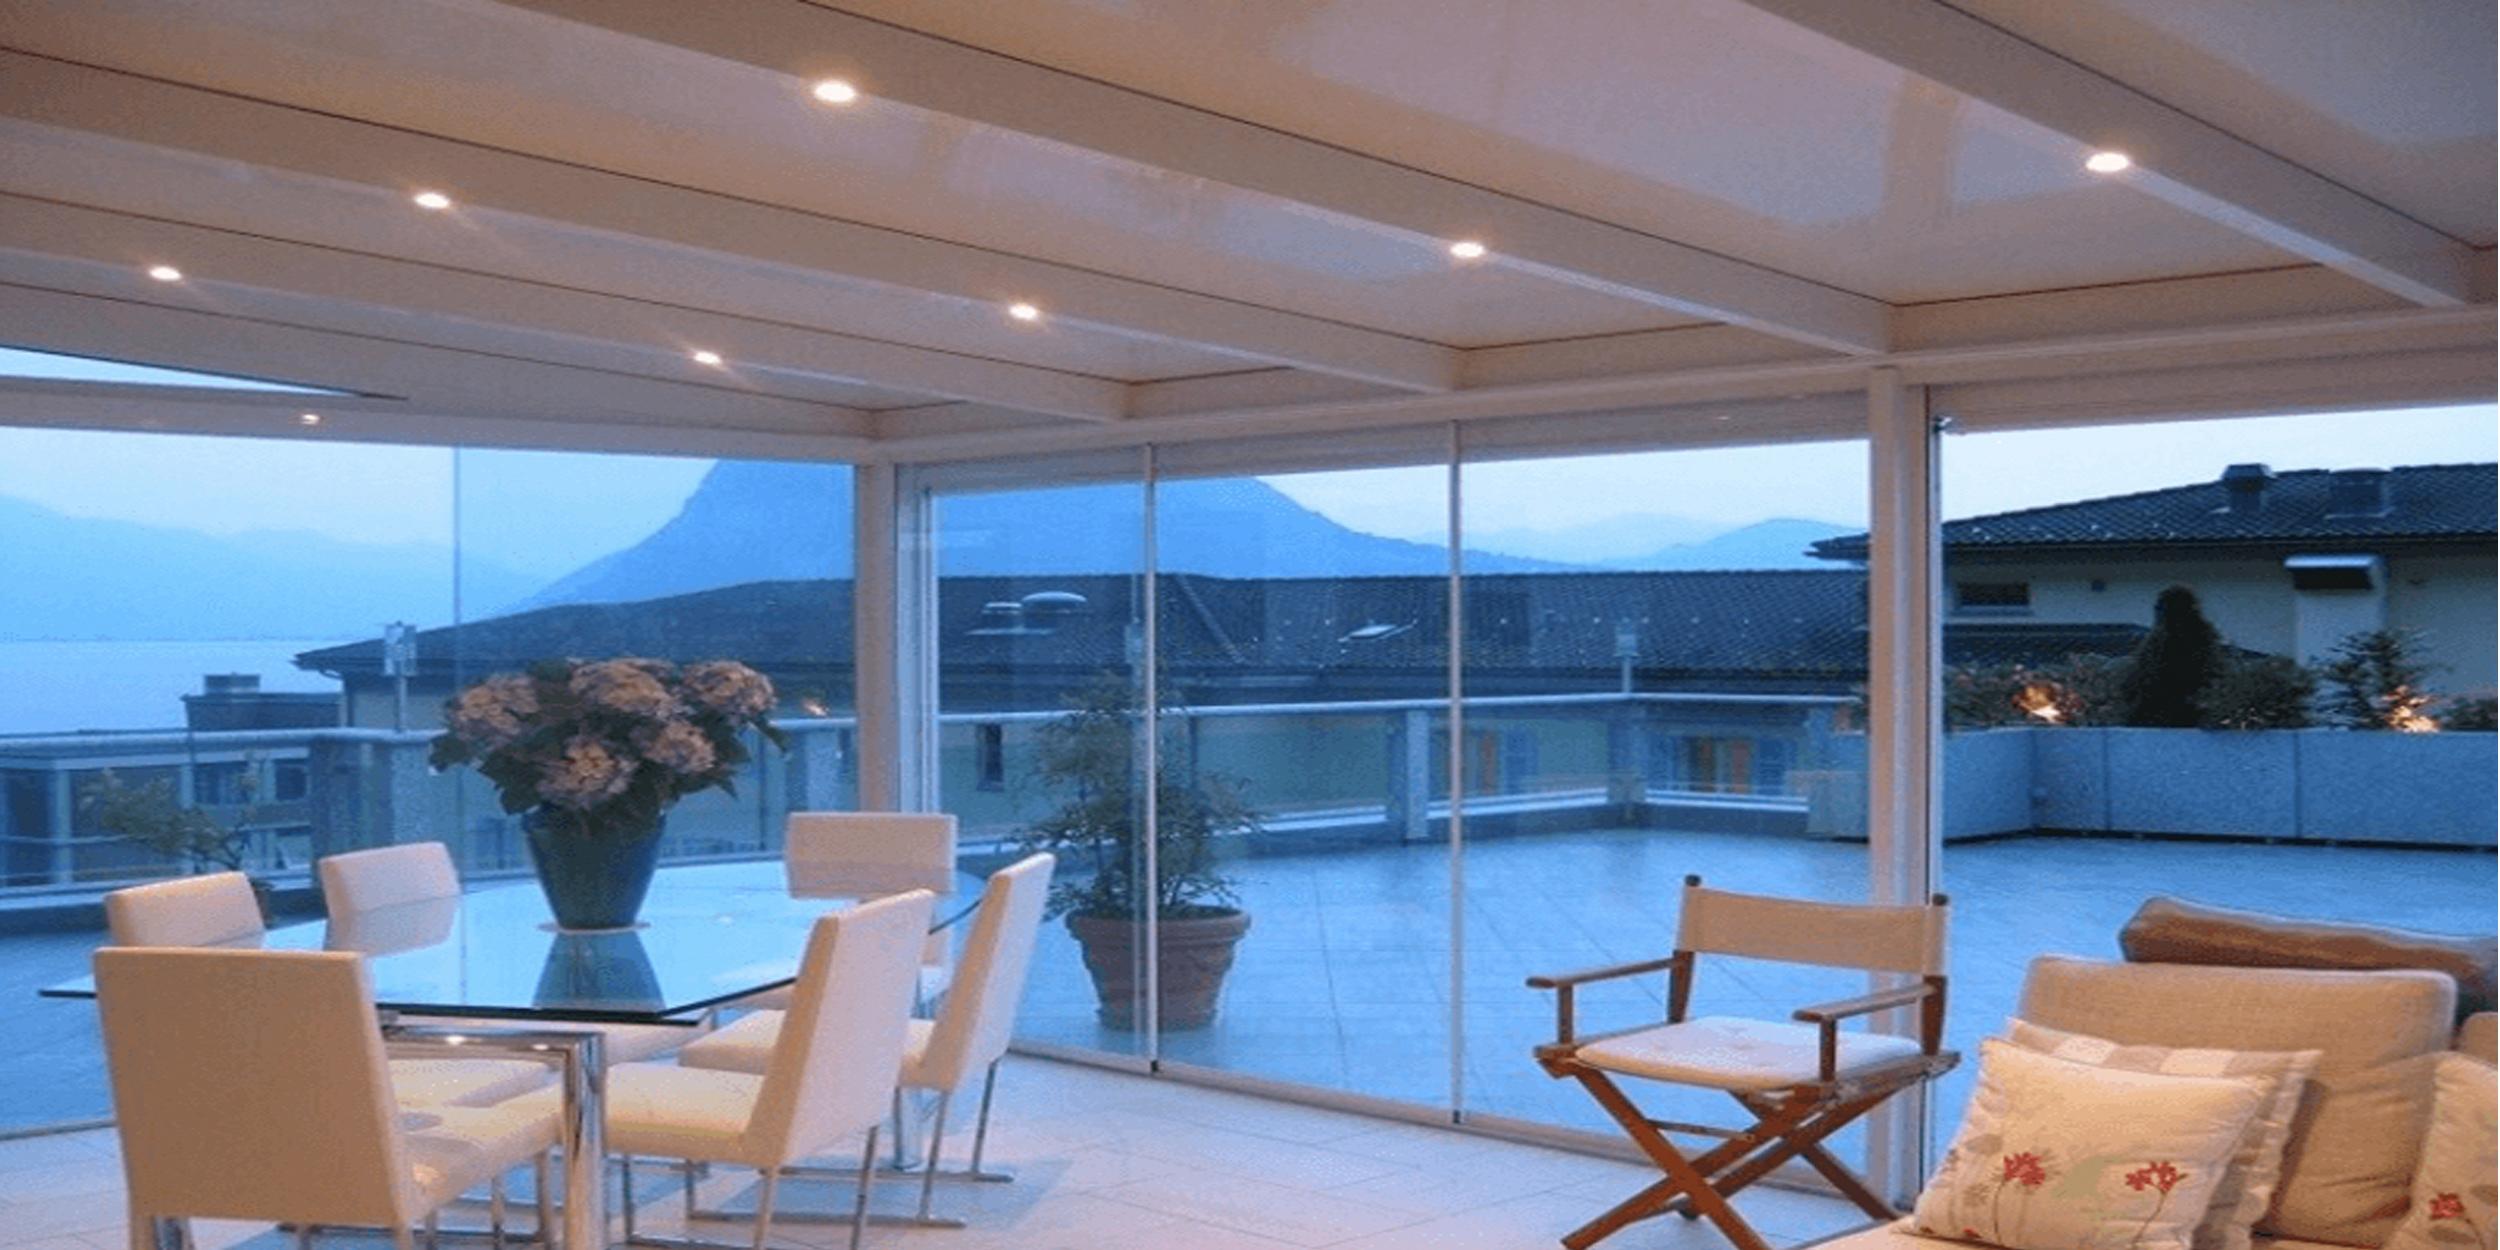 Vendita vetrate panoramiche scorrevoli per verande dehor for Tutto per terrazzo